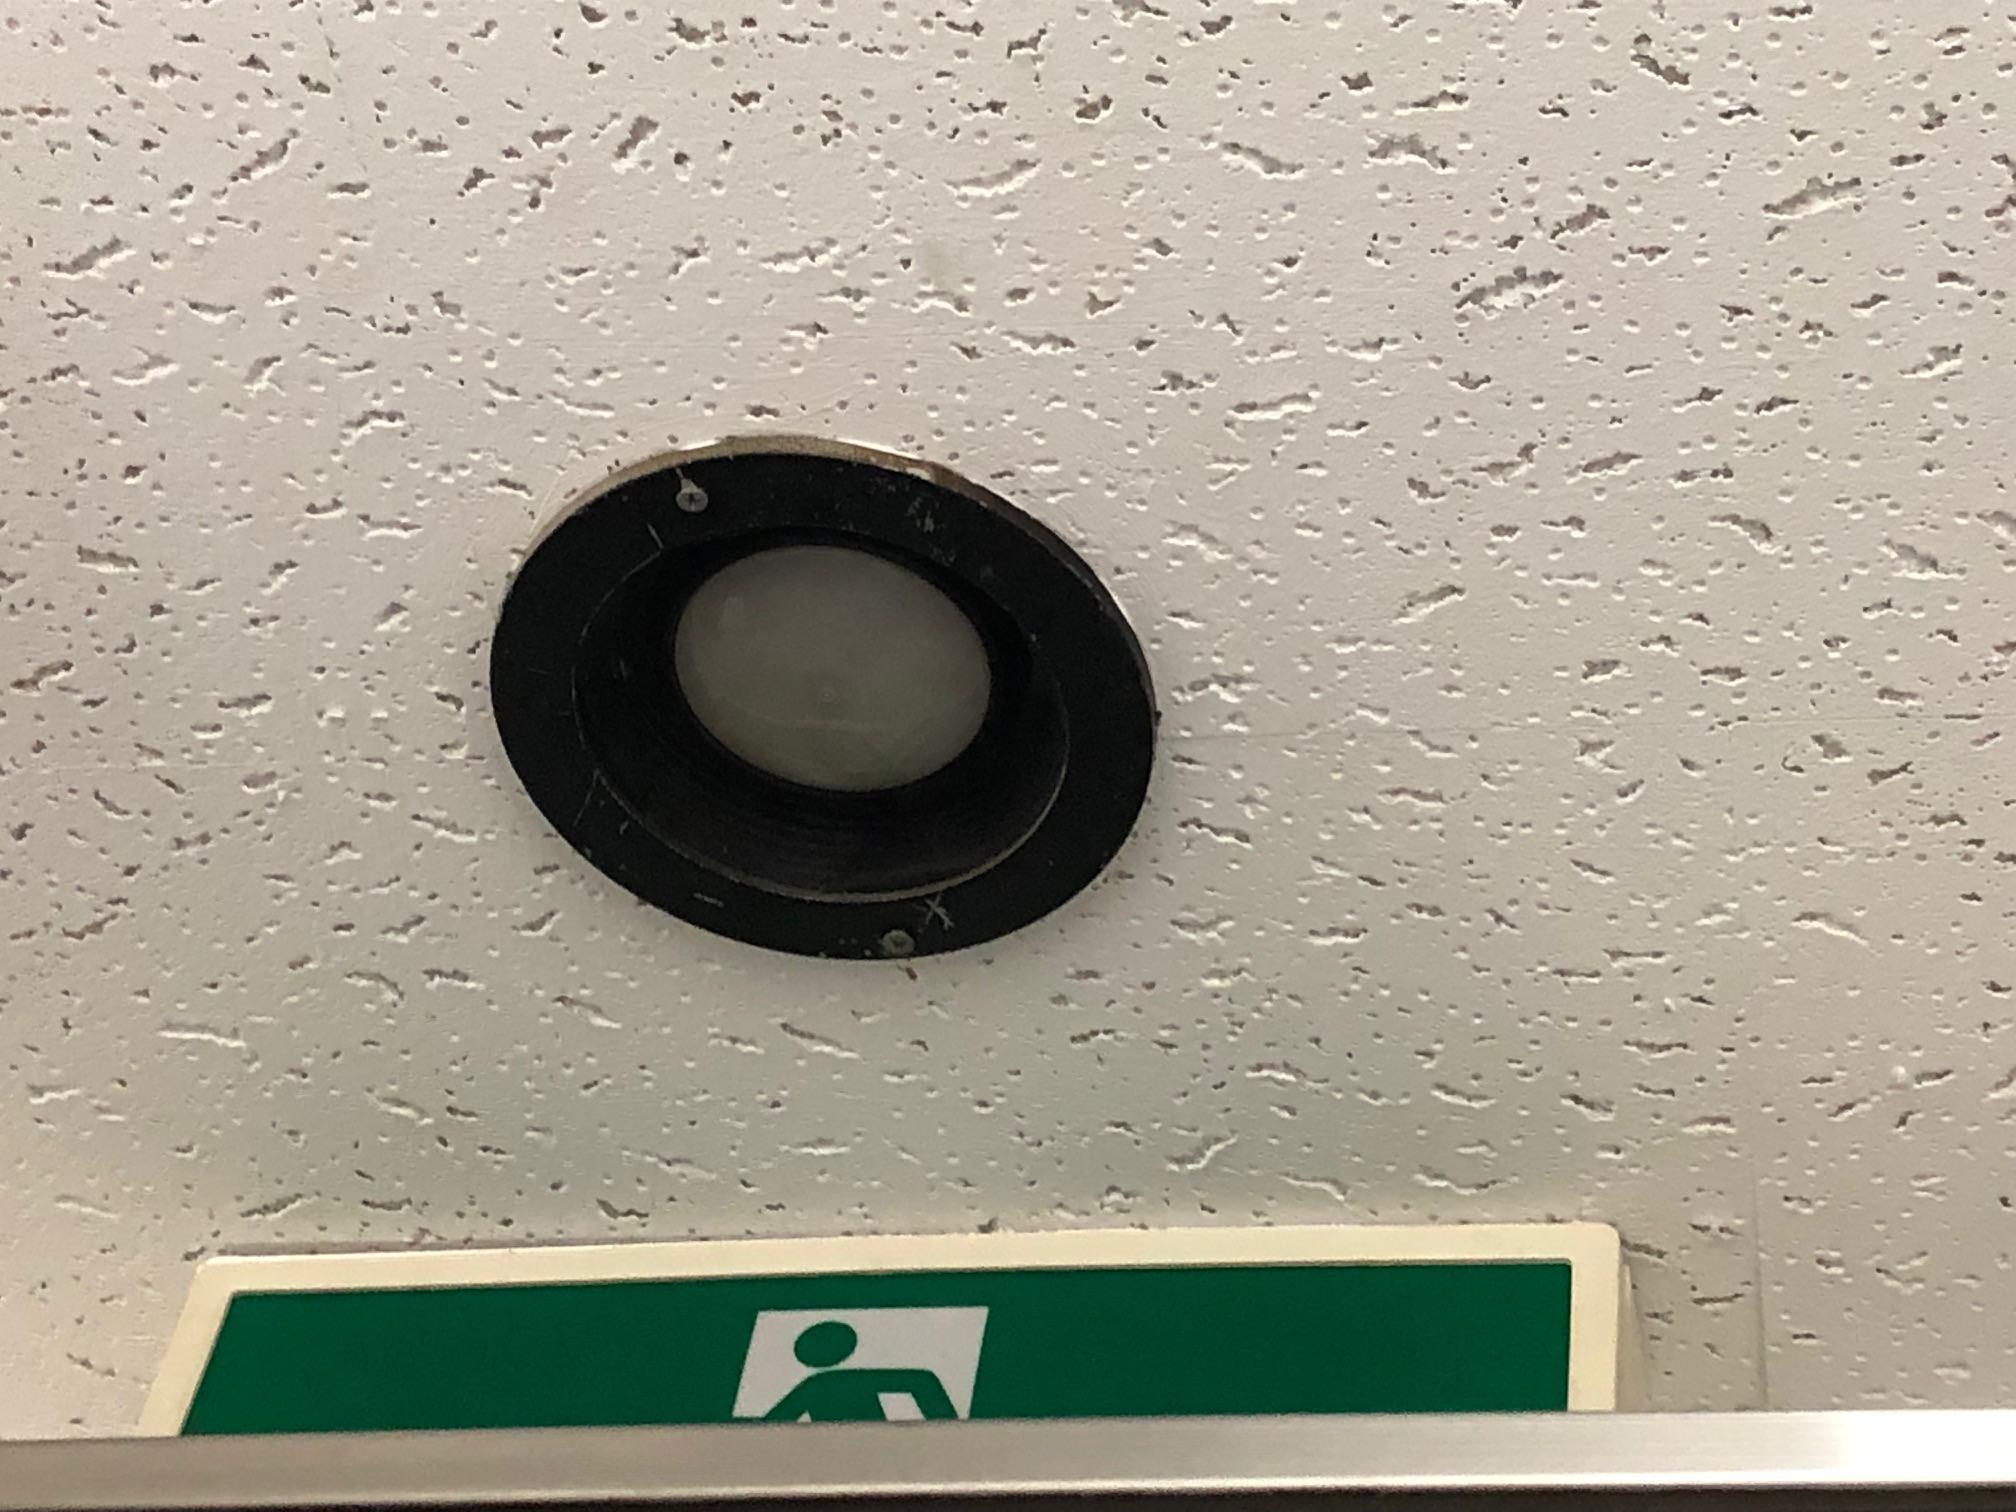 天井埋め込みセンサー取替前